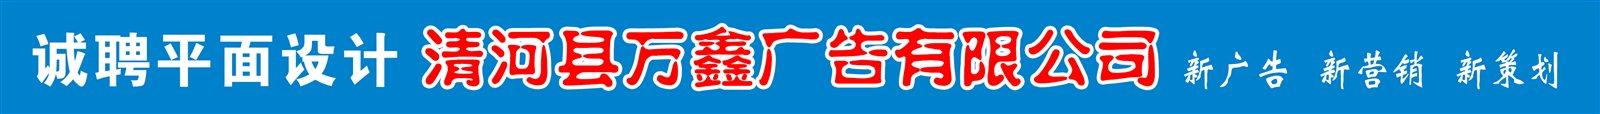 清河县万鑫广告有限公司